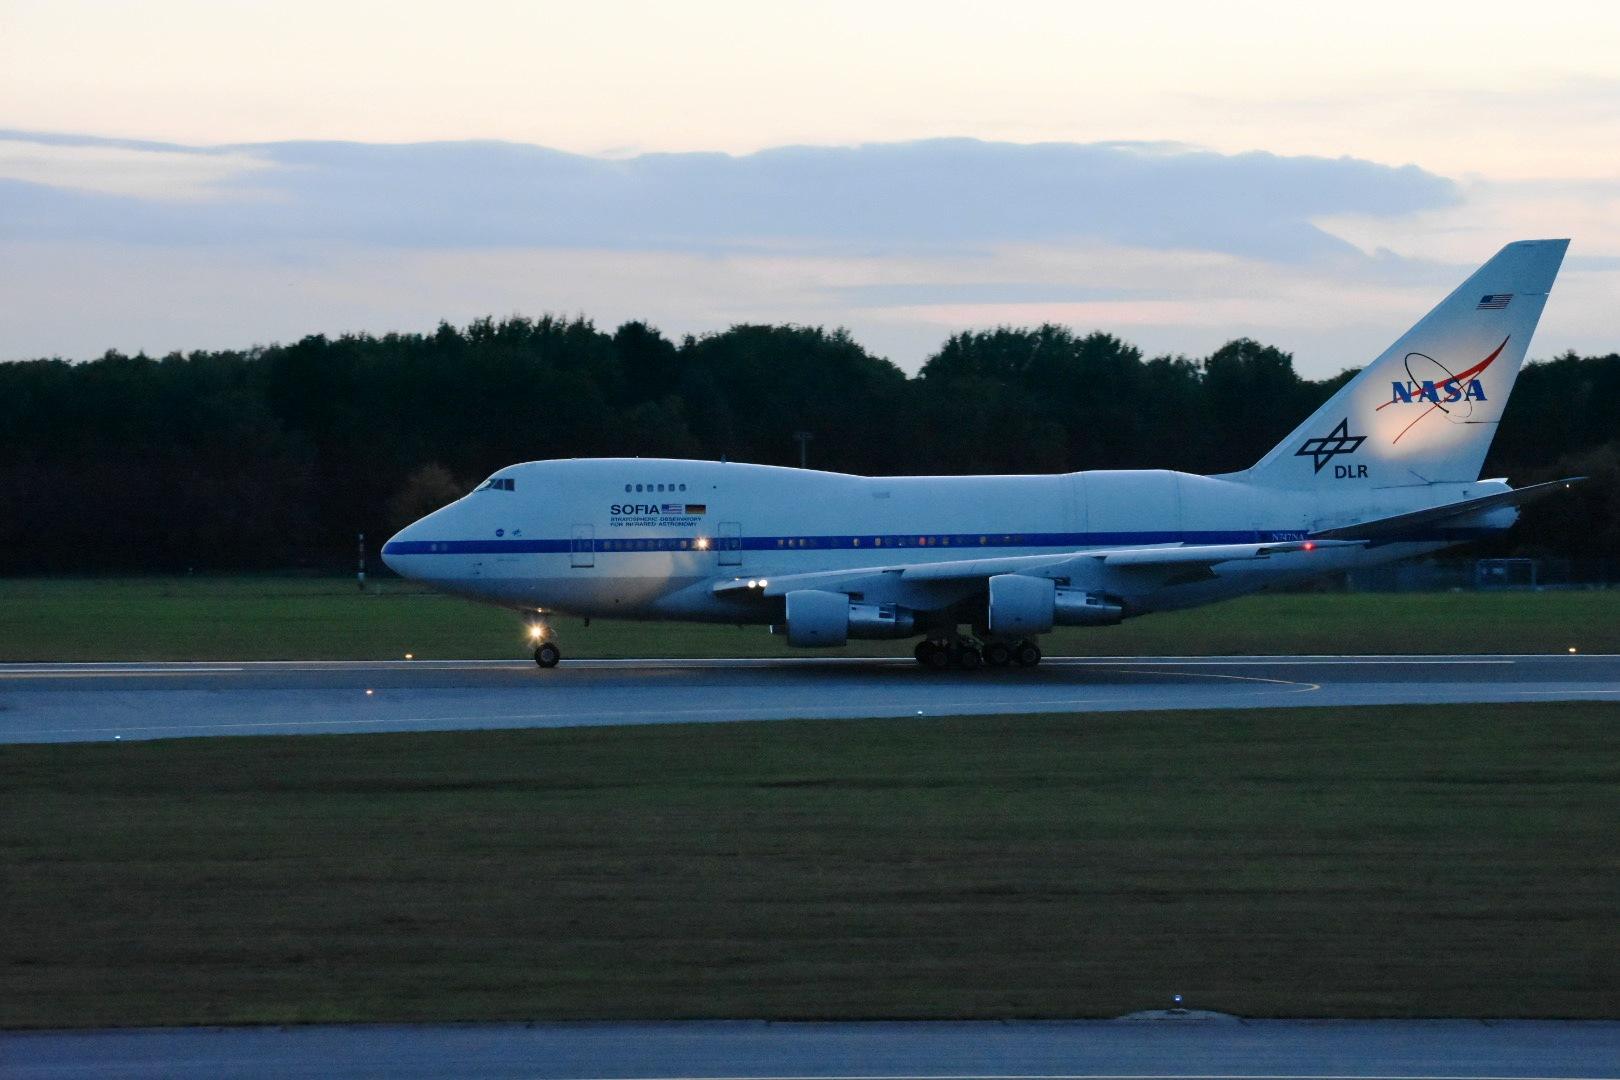 SOFIA ist um 19:13 am Hamburger Flughafen zur turnusmäßigen Wartungs bei Lufthansa Technik gelandet.